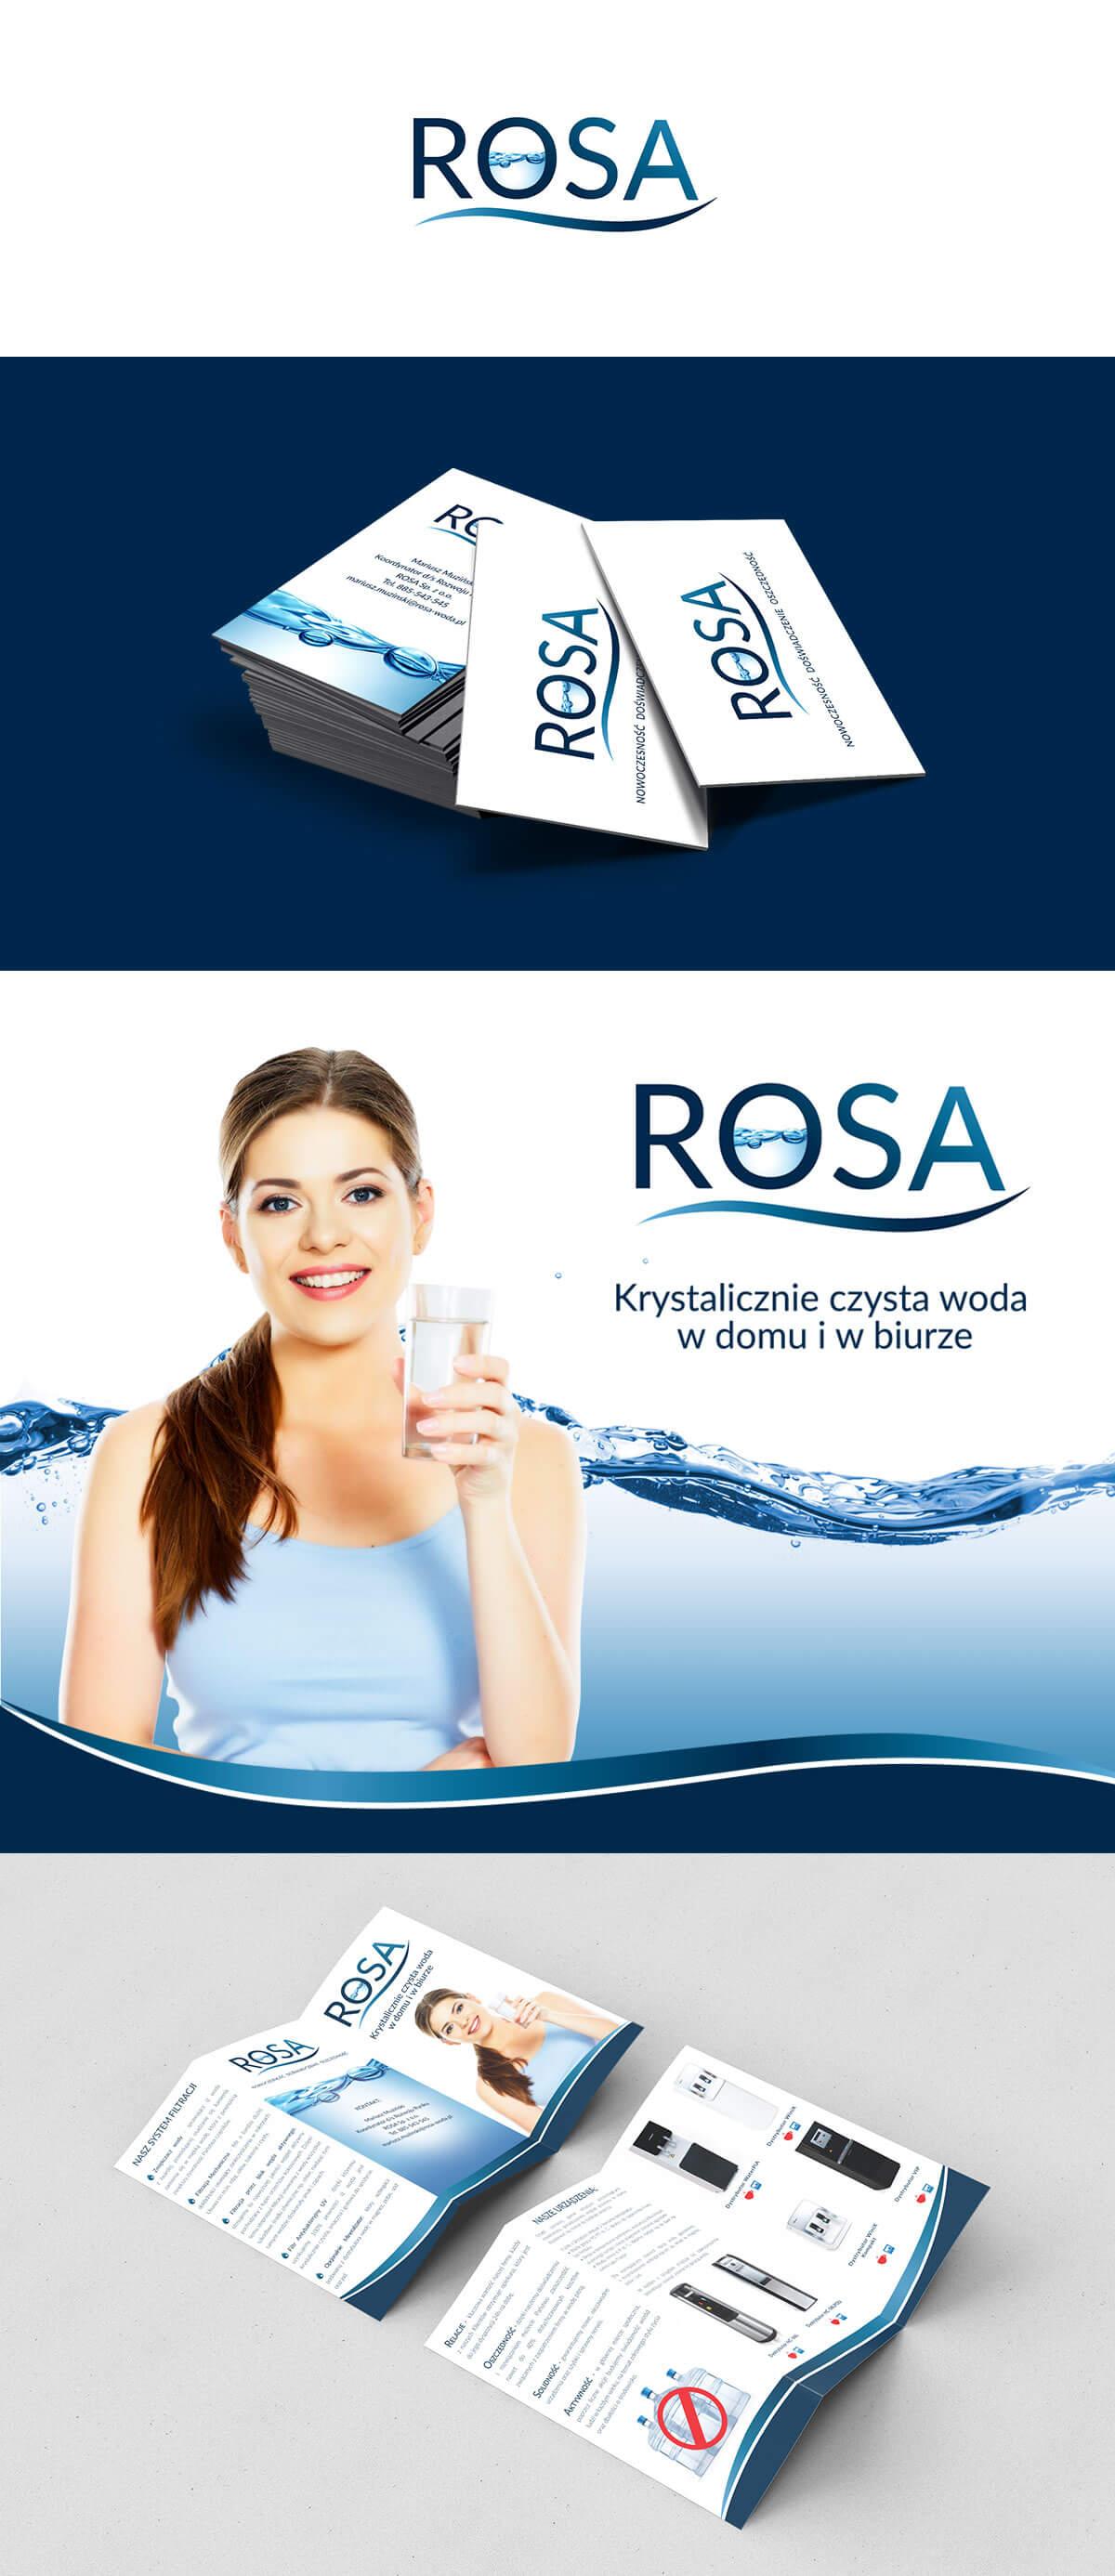 Rosa identyfikacja wizualna